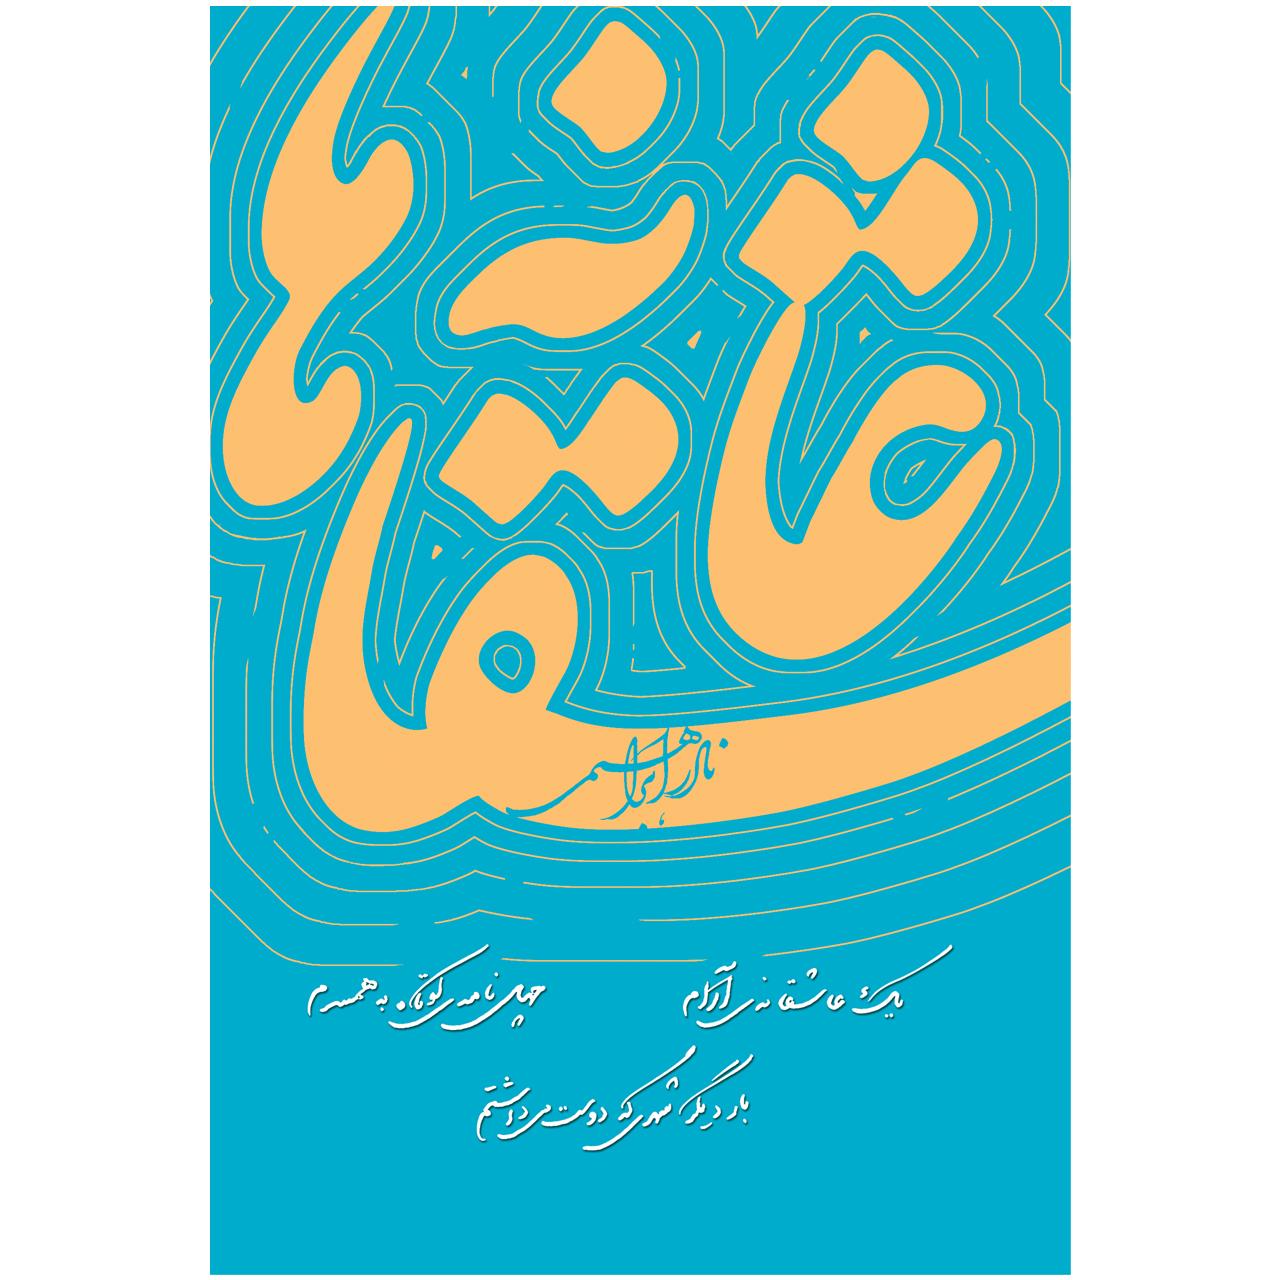 کتاب عاشقانه ها اثر نادر ابراهیمی نشر روزبهان